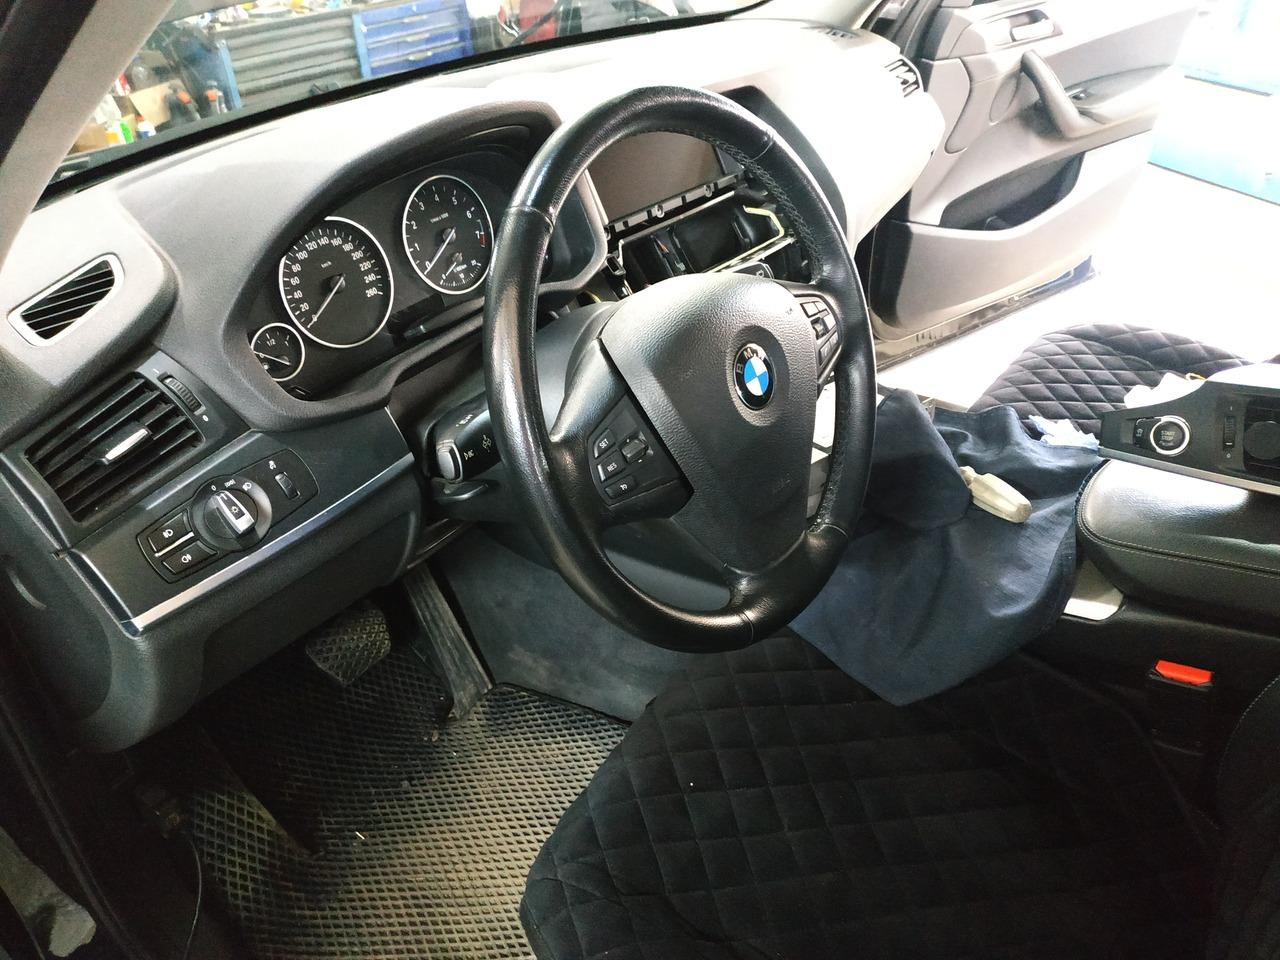 салон F25 с рулем, дооснащенным кнопками